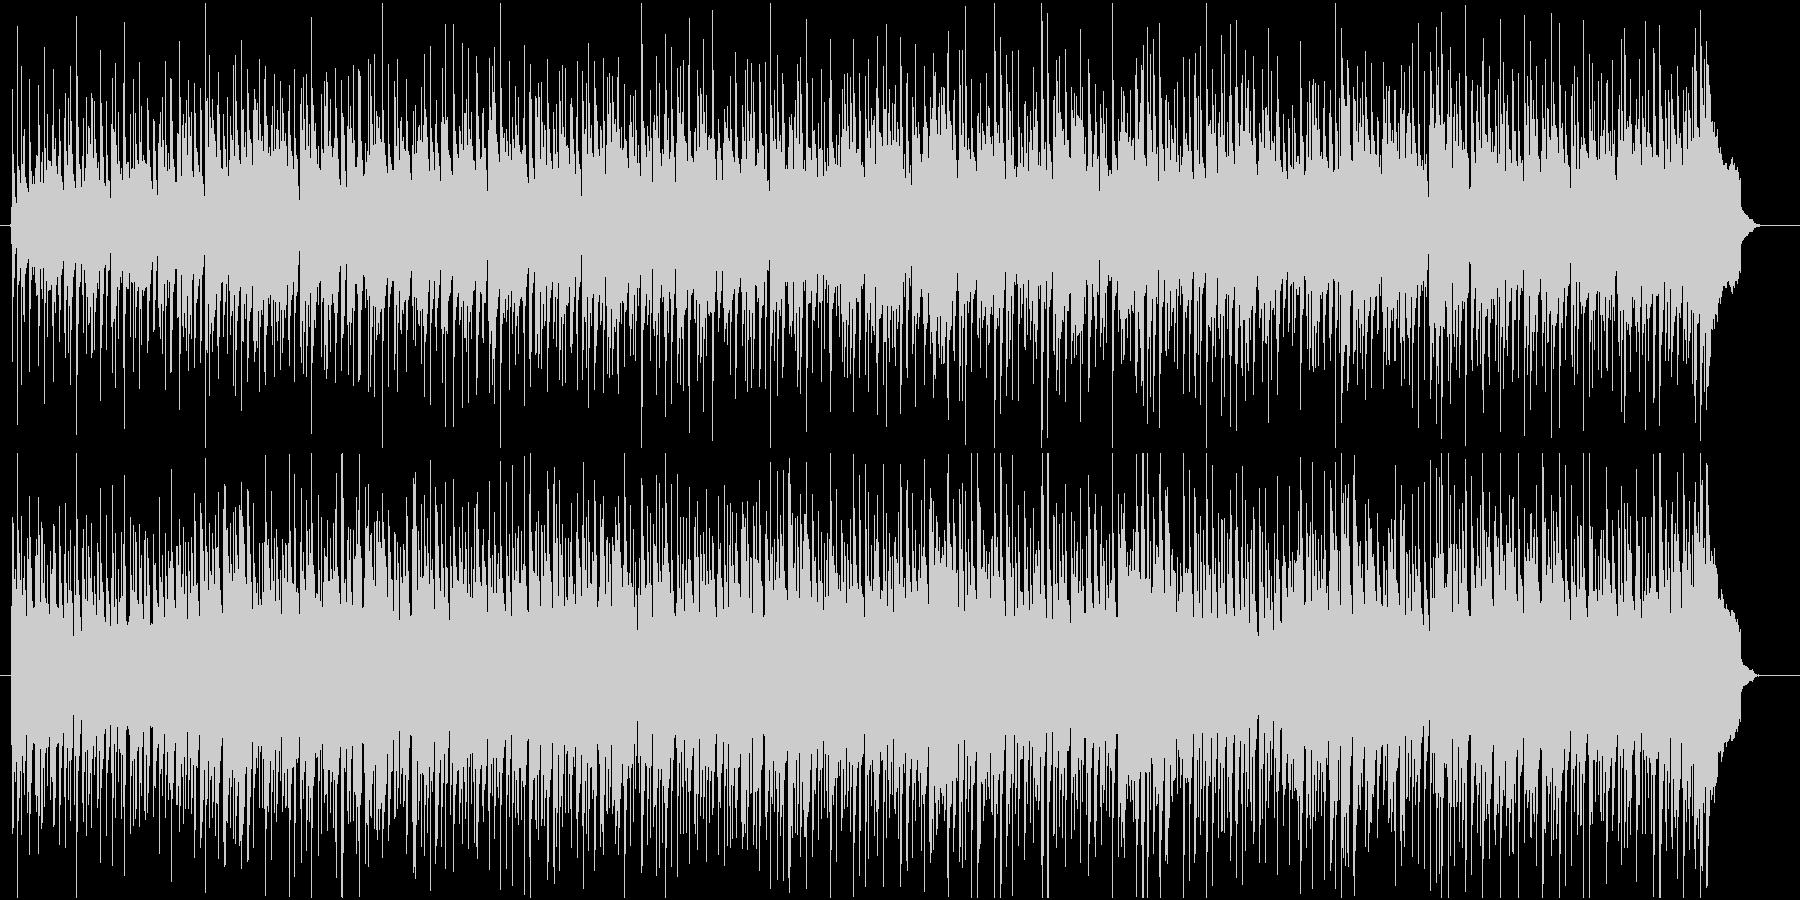 ウキウキワクワクな楽しい楽曲です。の未再生の波形